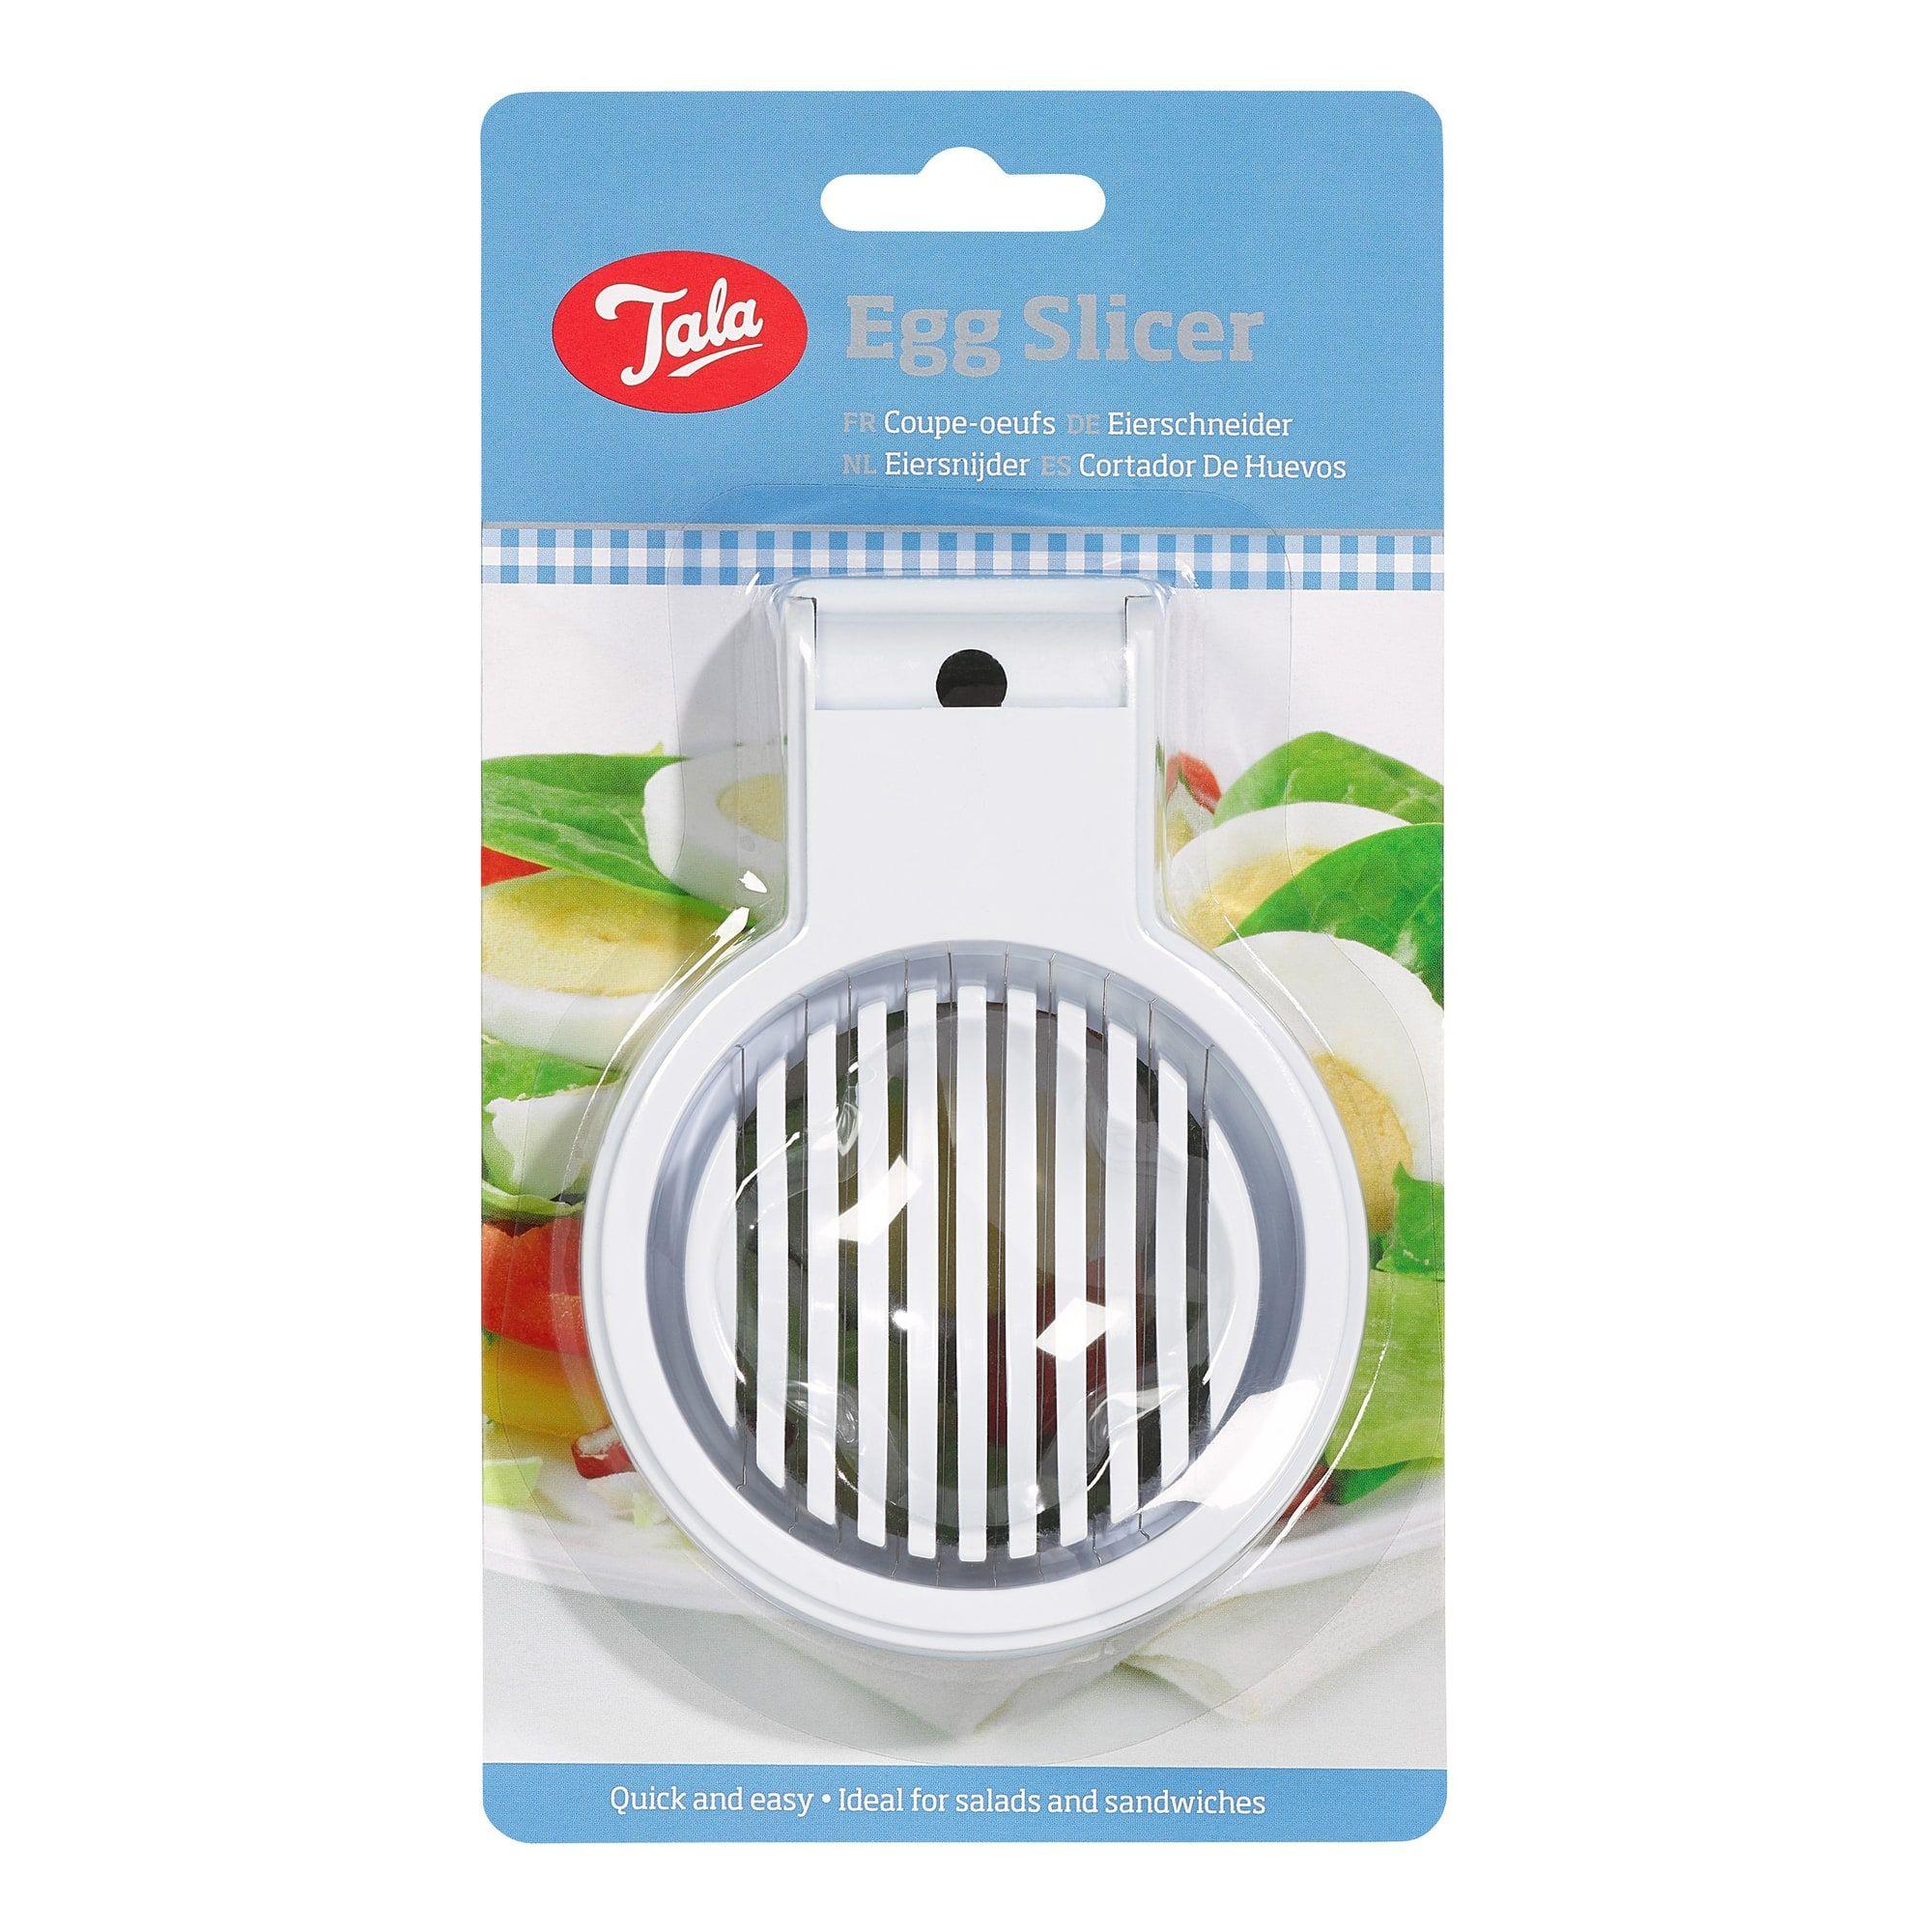 Tala Egg Slicer